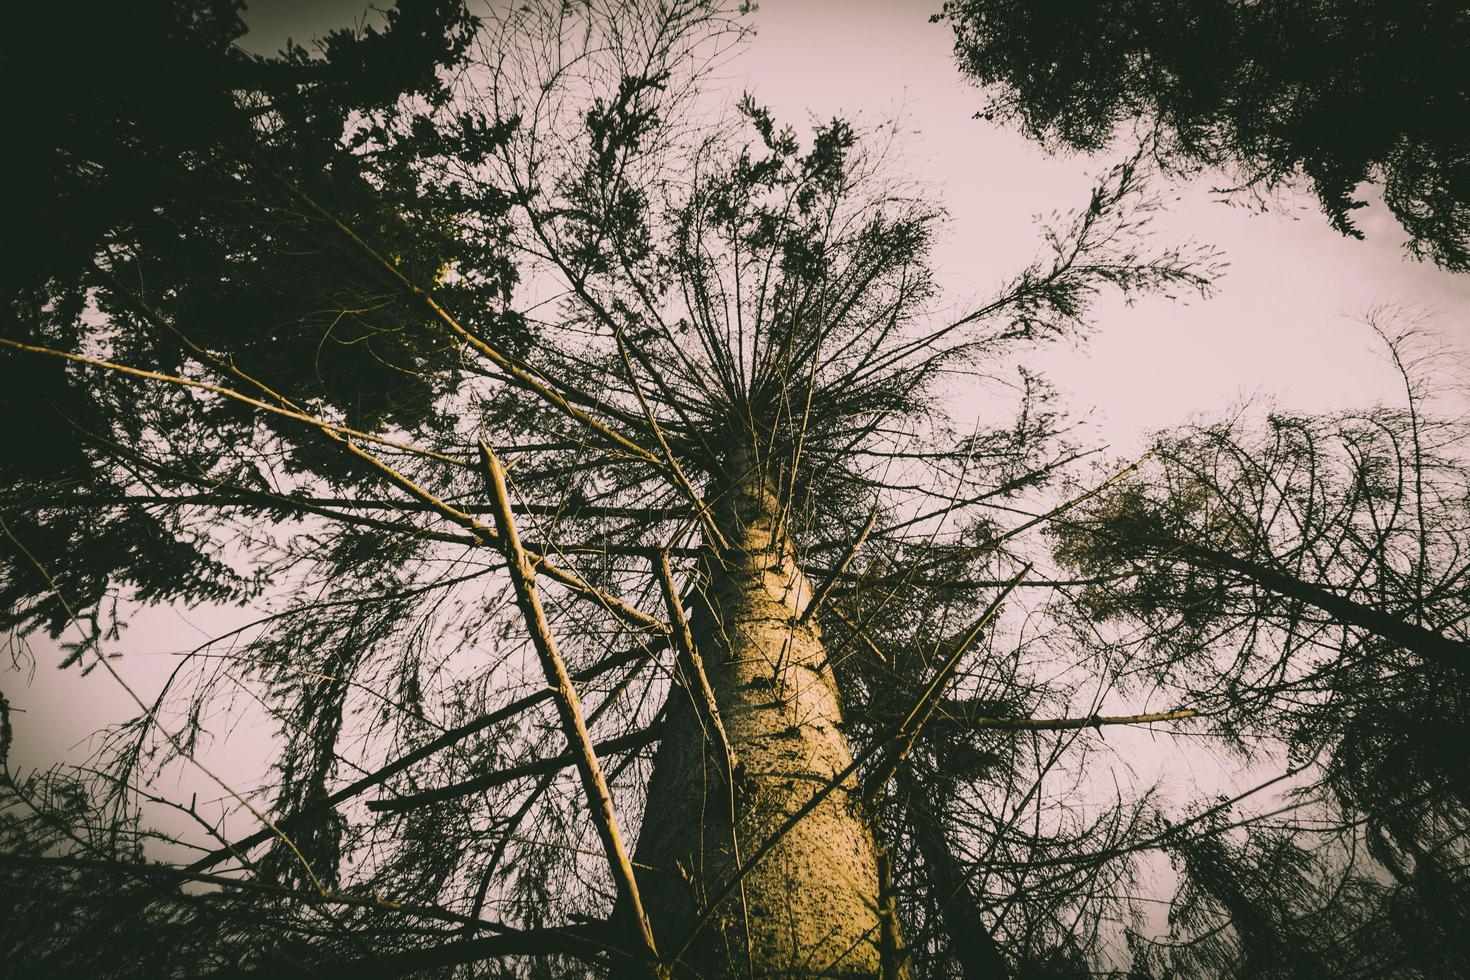 regardant les arbres au coucher du soleil photo